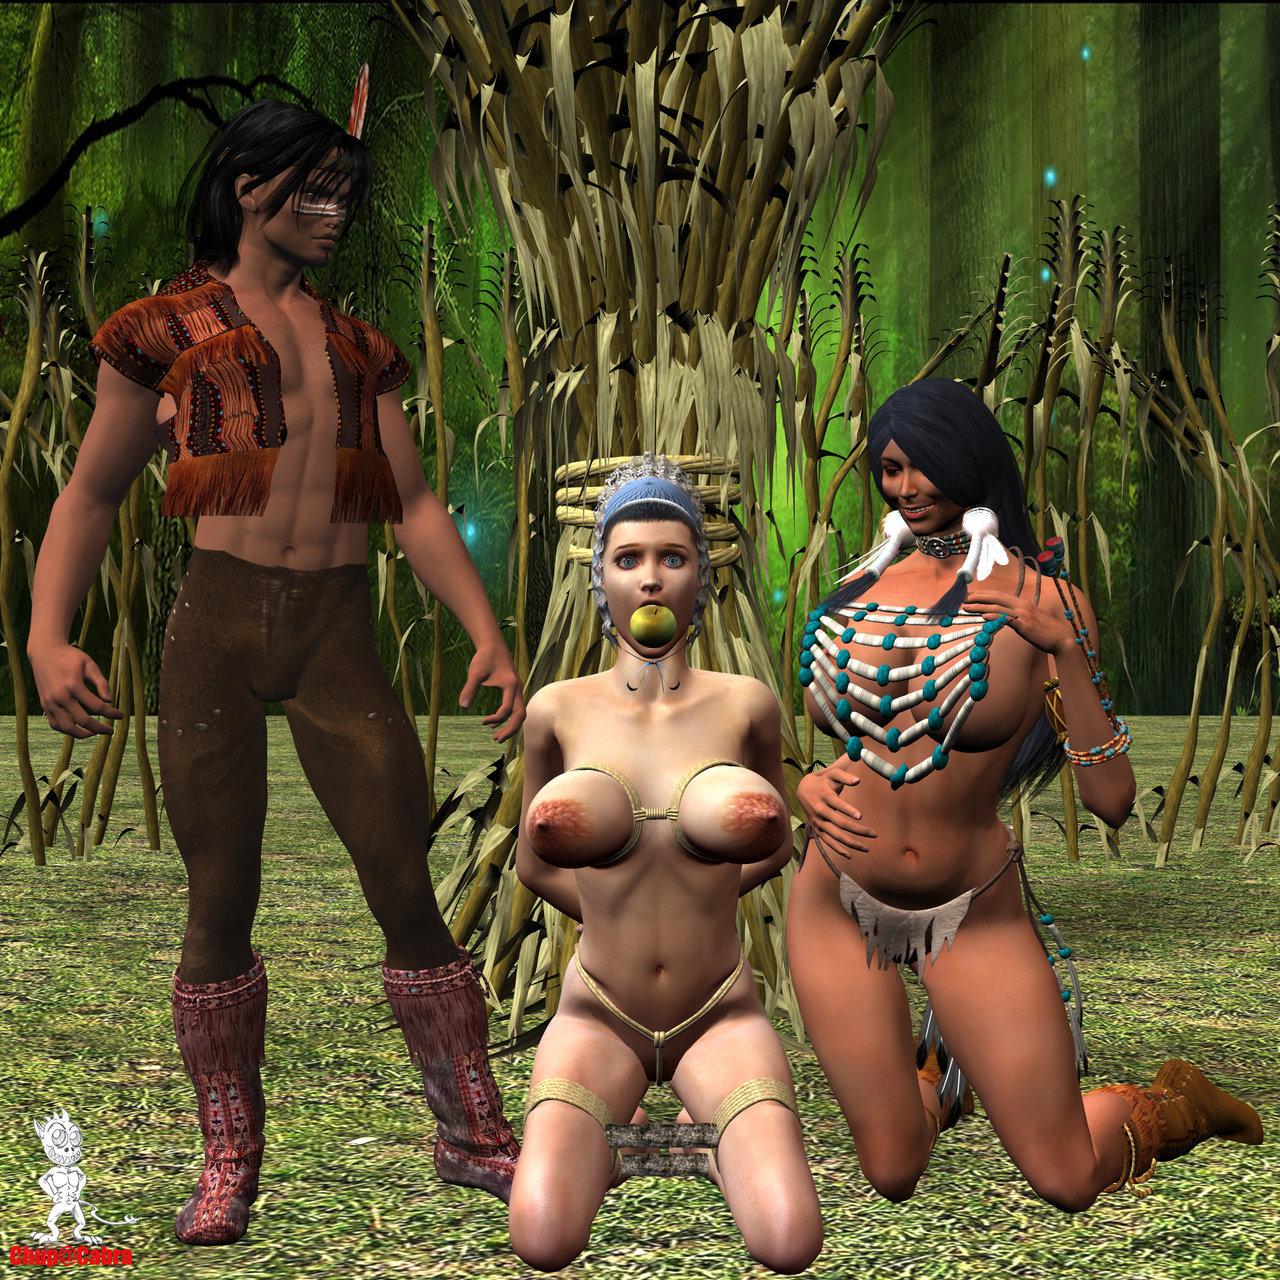 bdsm orgy tumblr